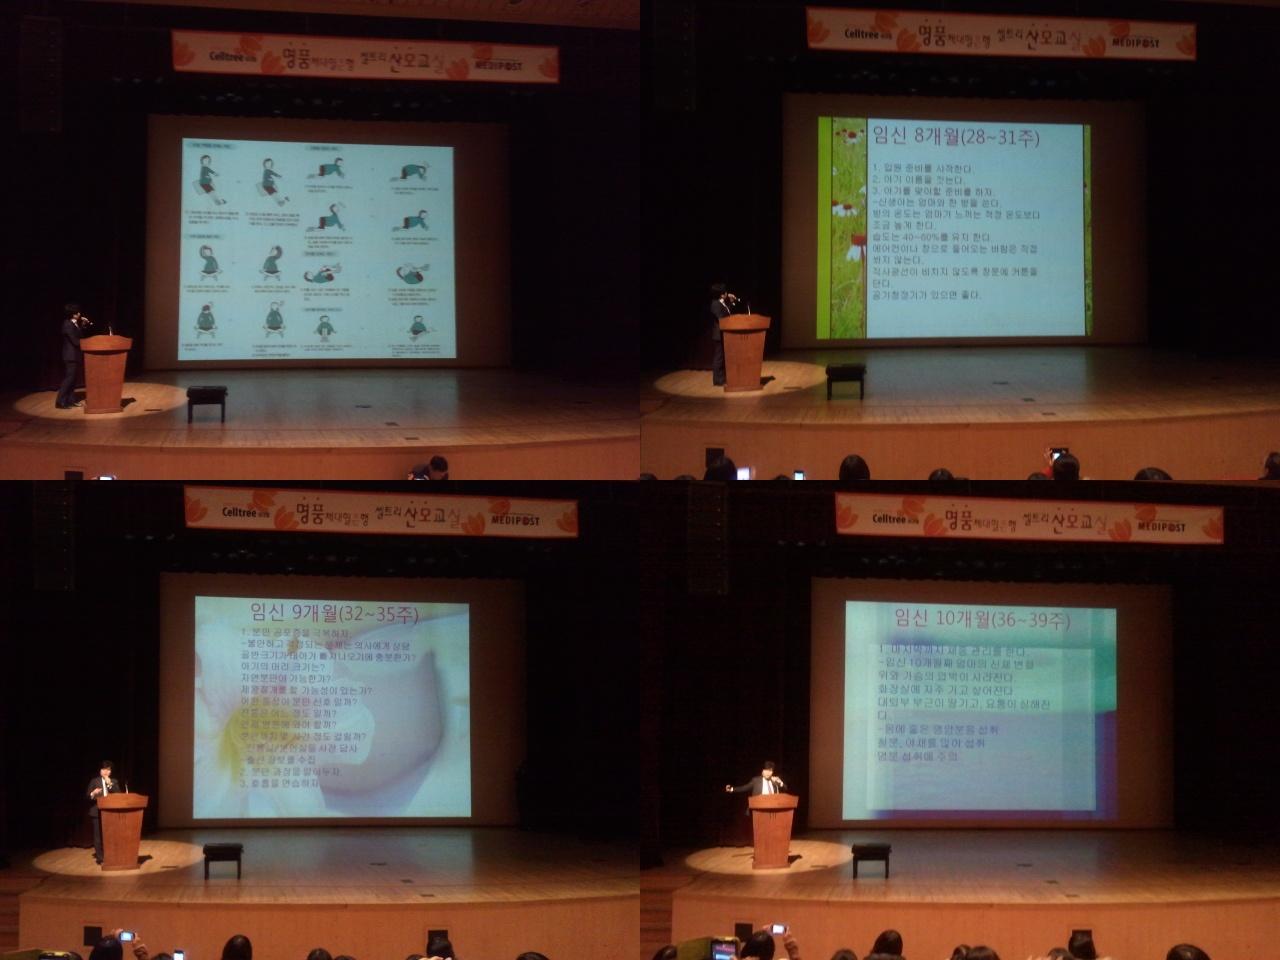 2012-11-28_14.52-tile[0].jpg